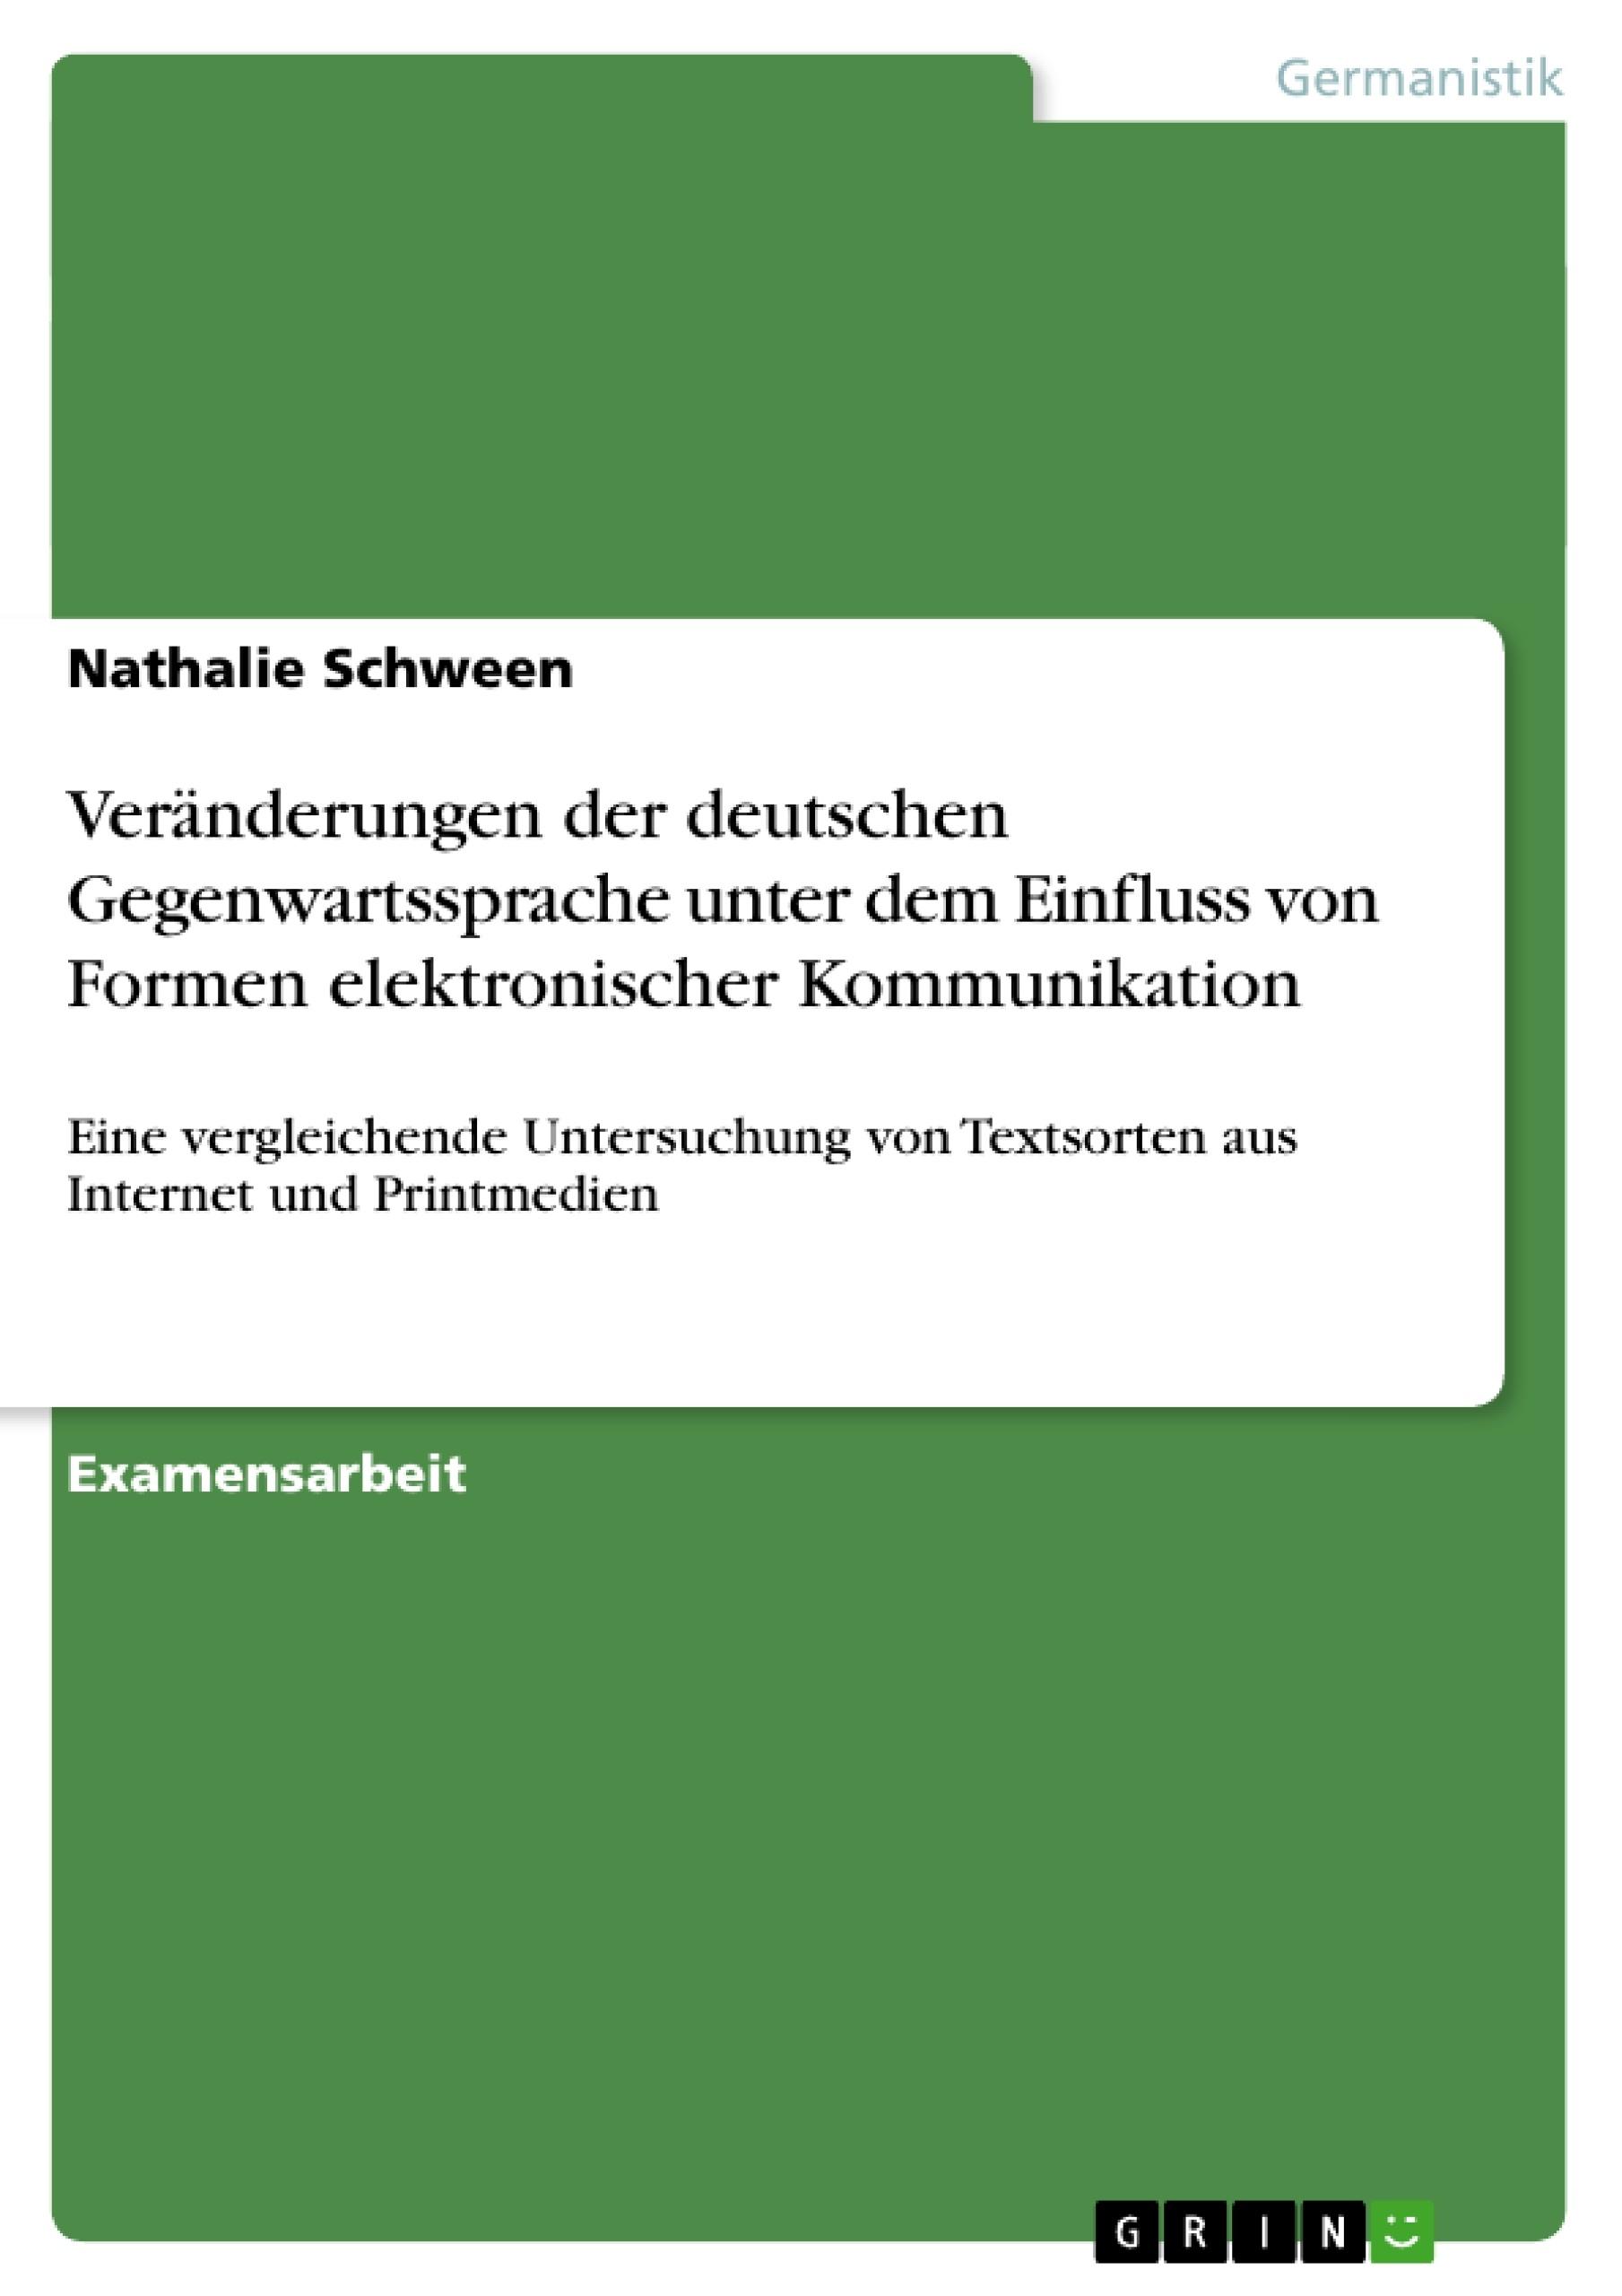 Titel: Veränderungen der deutschen Gegenwartssprache unter dem Einfluss von Formen elektronischer Kommunikation